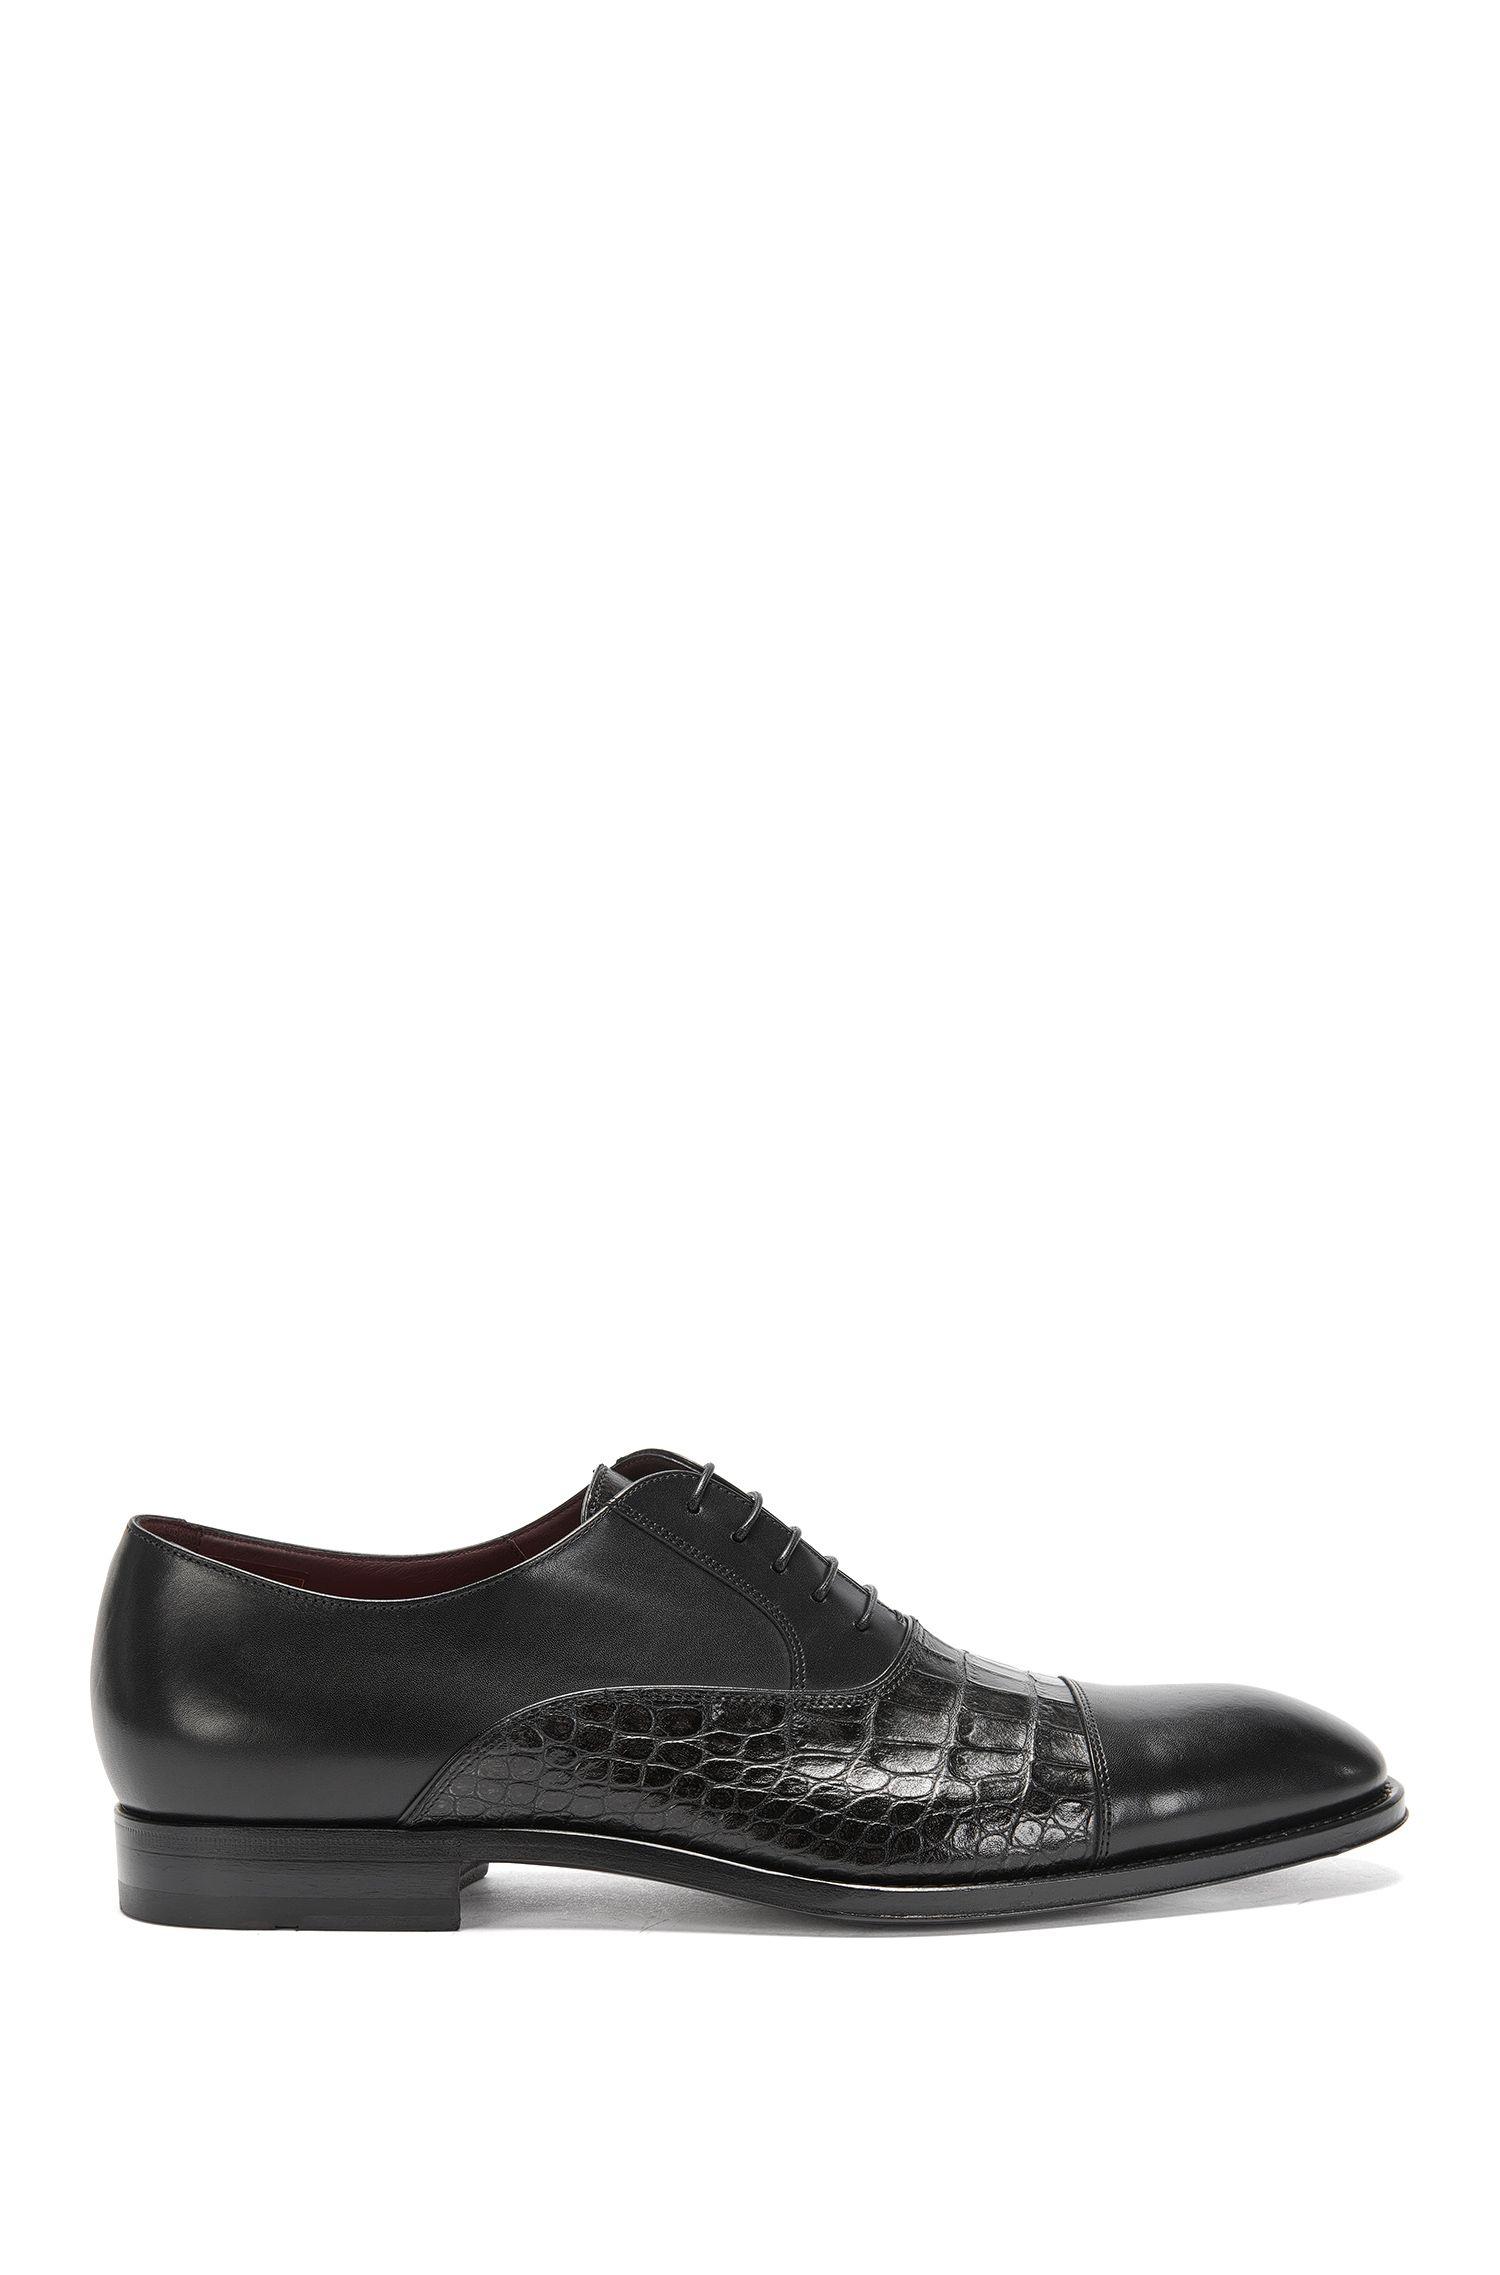 Chaussures à lacets Tailored en cuir: «T-Legend_Oxfr_exct»